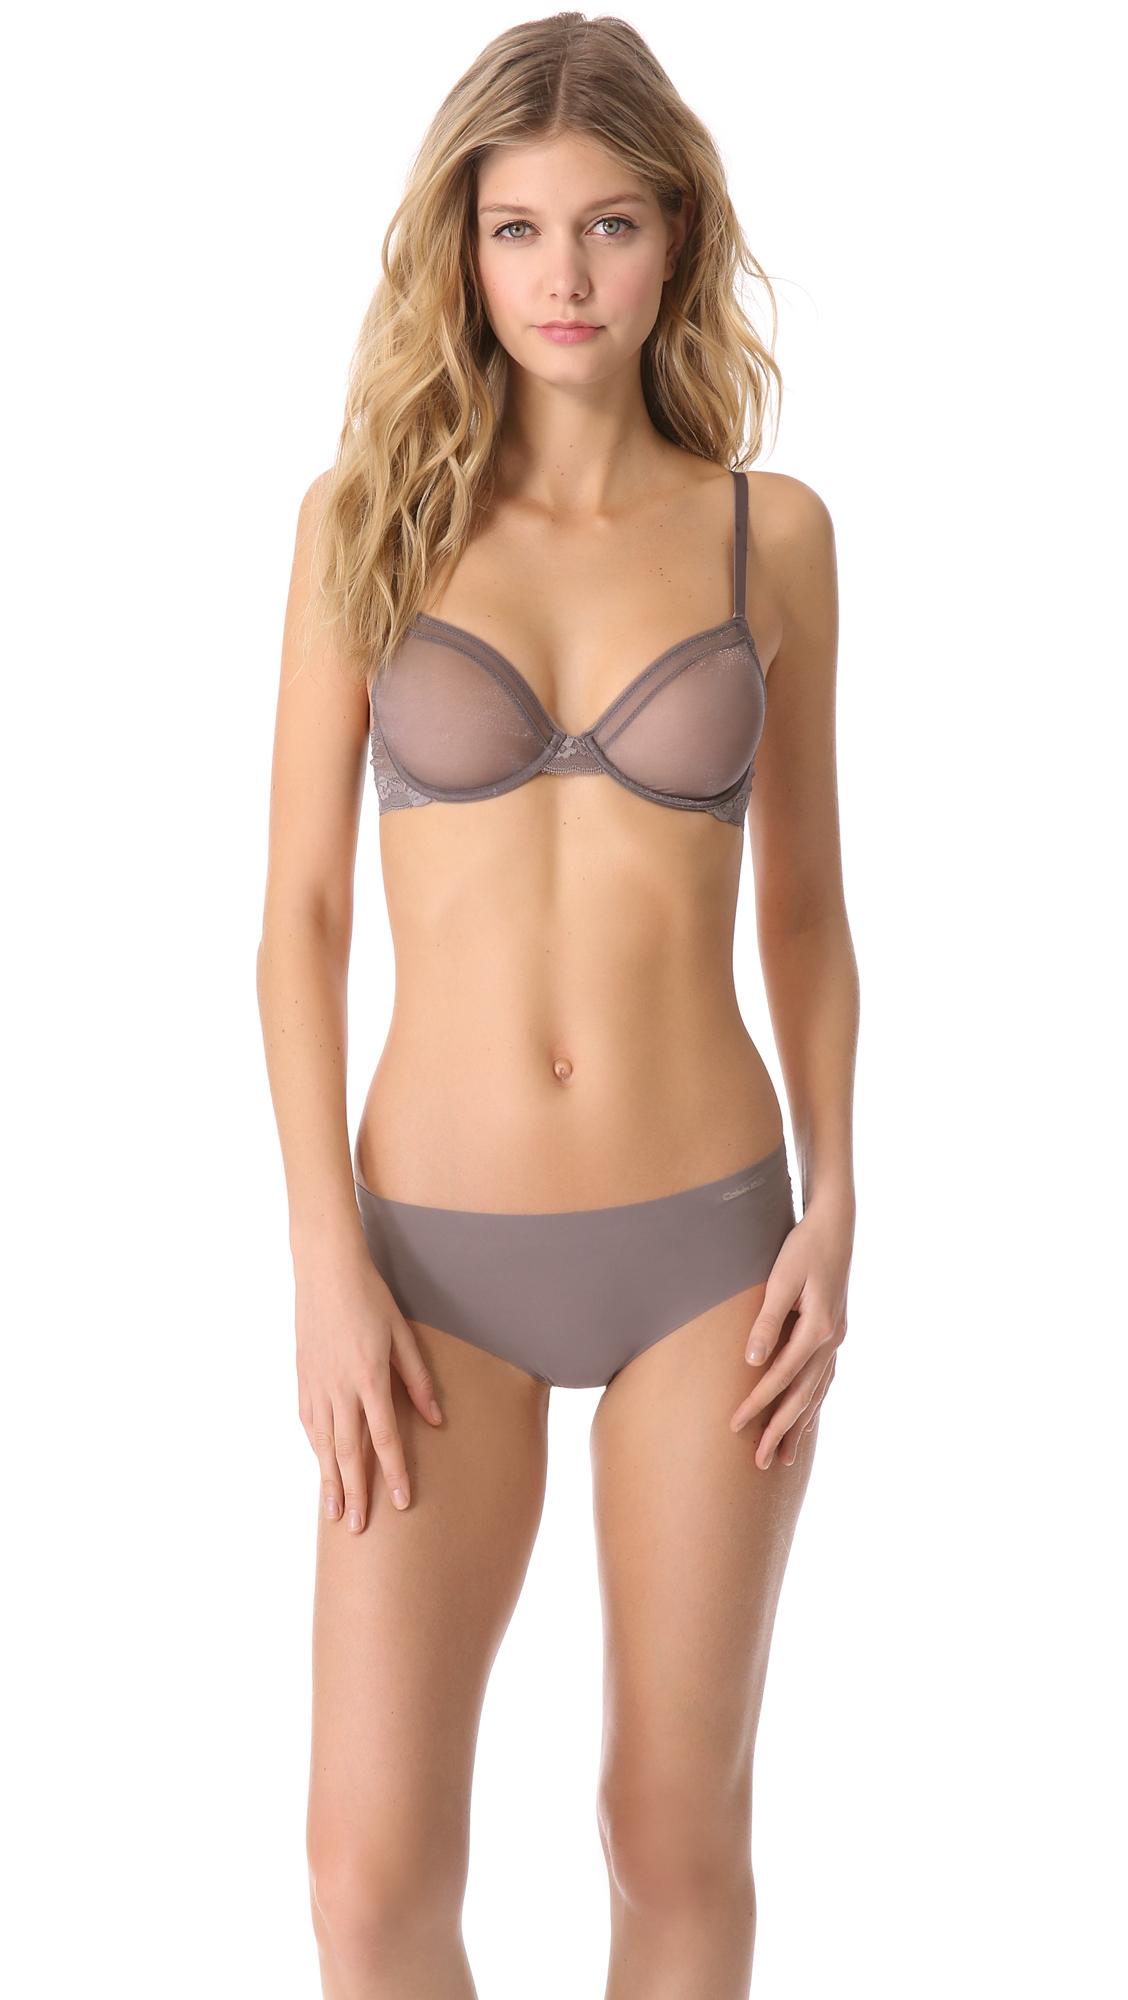 347a77e6fa Calvin Klein Underwear Luster Unlined Underwire Bra on PopScreen